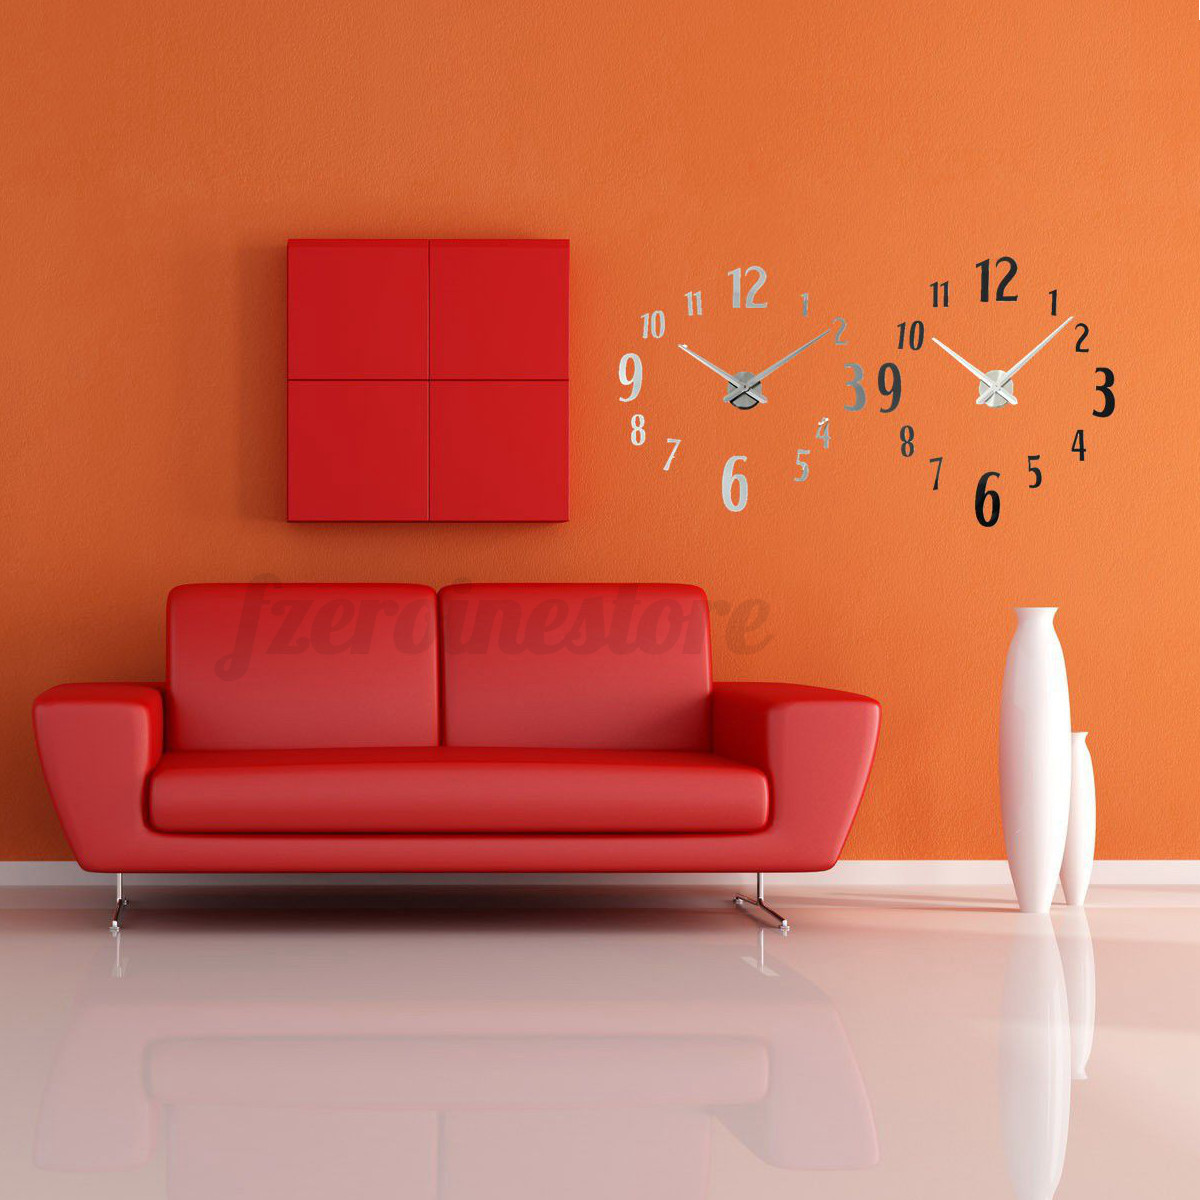 design uhr wanduhr wandtatoo spiegel wohnzimmer b ro wand dekoration geschenk ebay. Black Bedroom Furniture Sets. Home Design Ideas